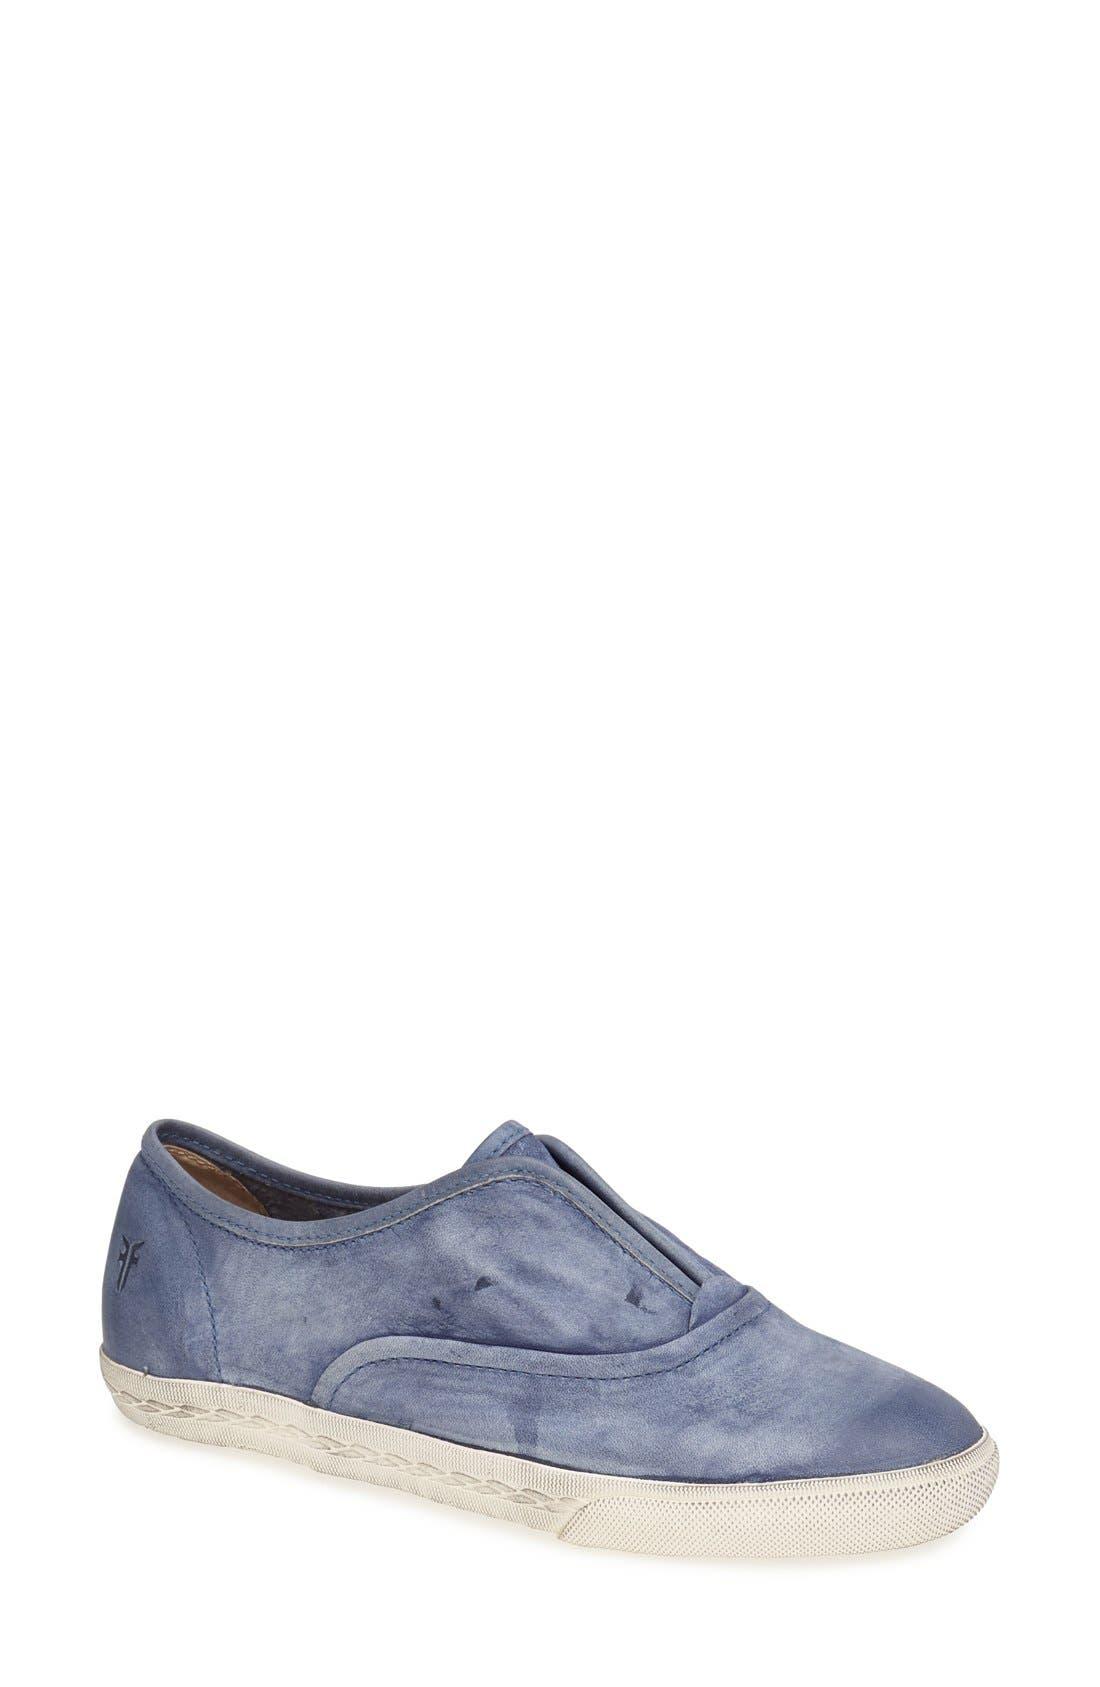 Main Image - Frye 'Mindy' Slip-On Leather Sneaker (Women)